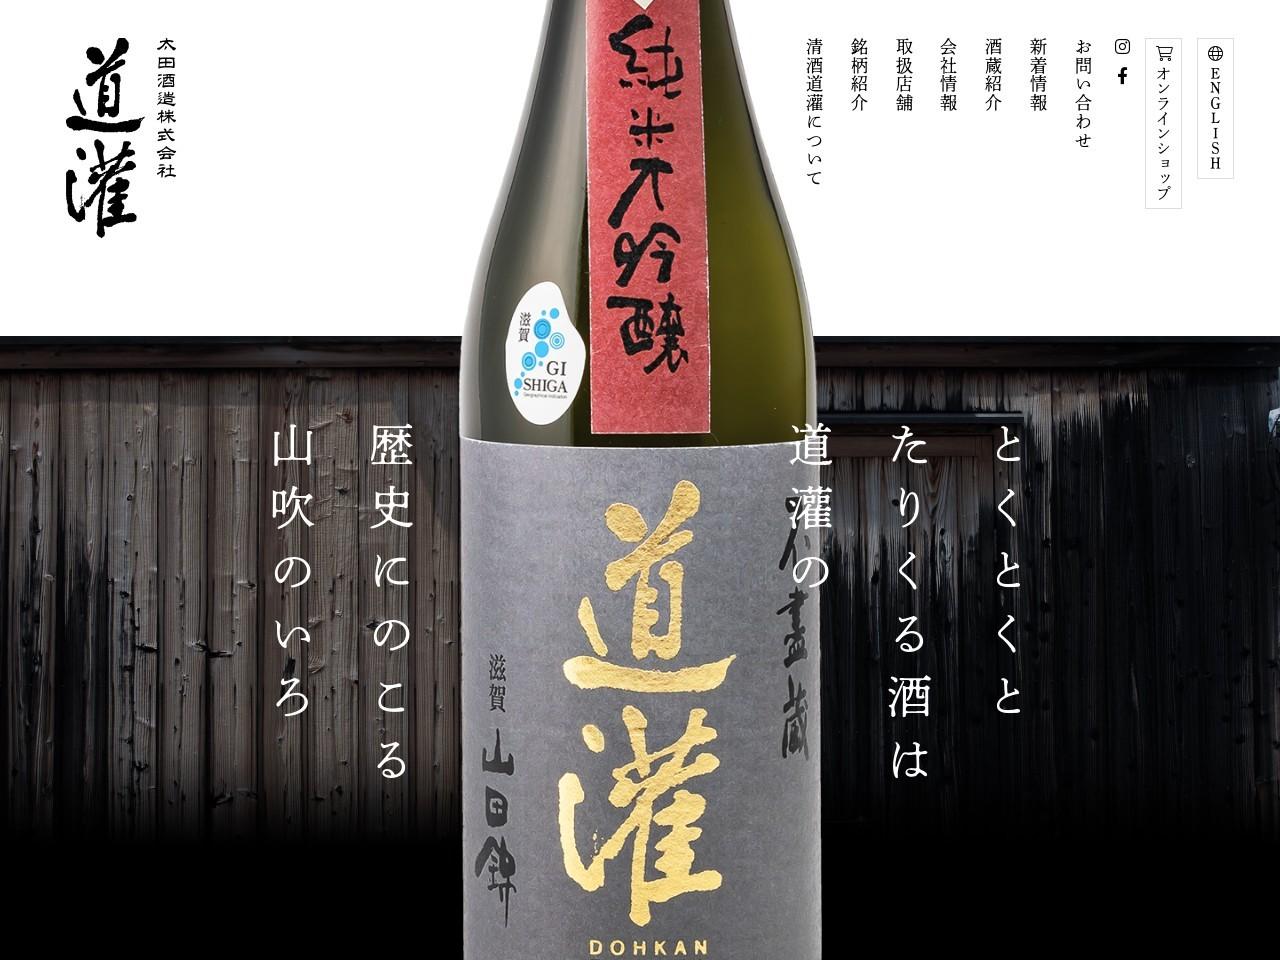 太田酒造通販サイト